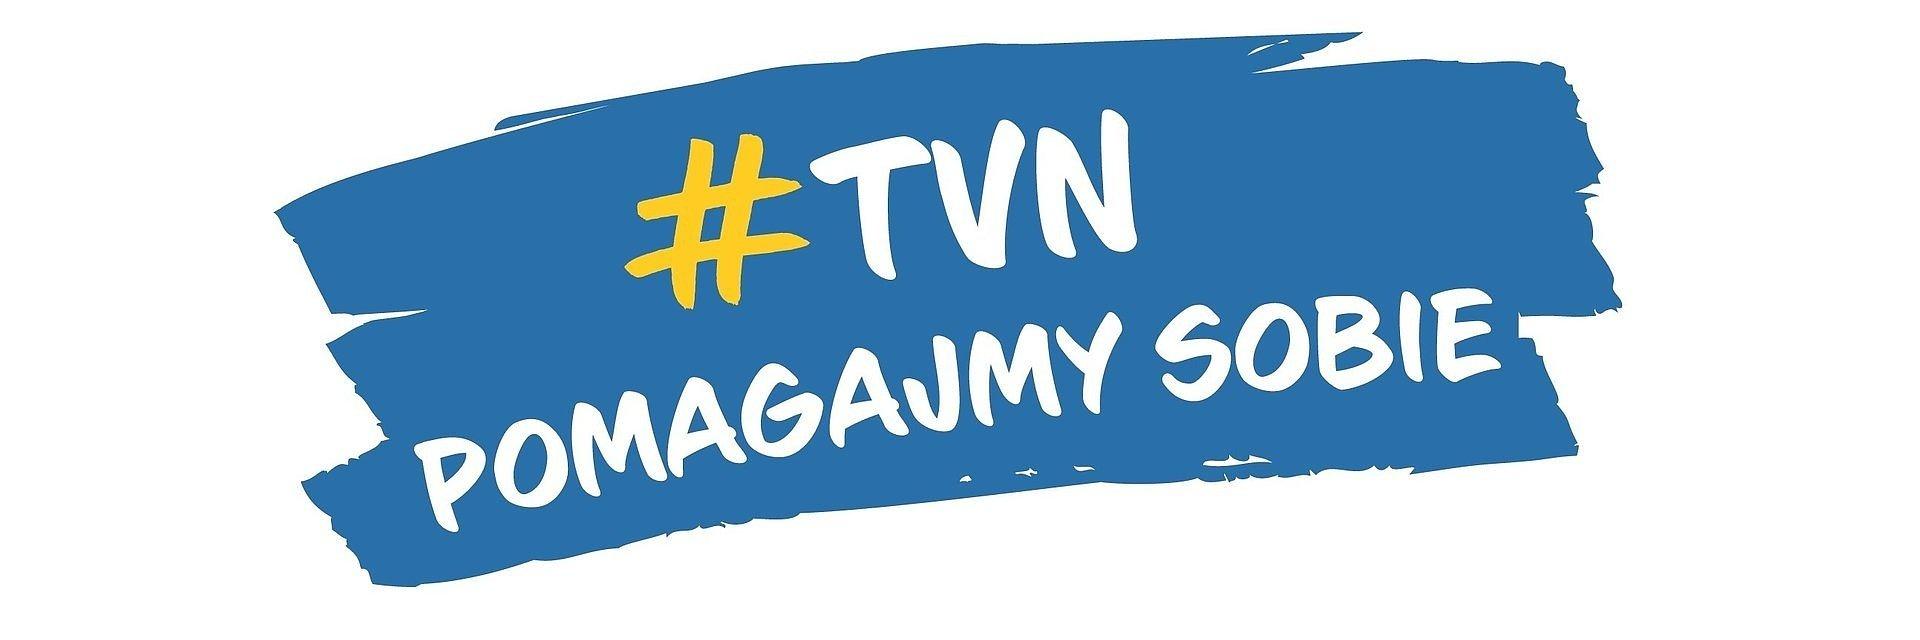 #TVN POMAGAJMY SOBIE– przyłącz się do akcji i pomagaj z nami!